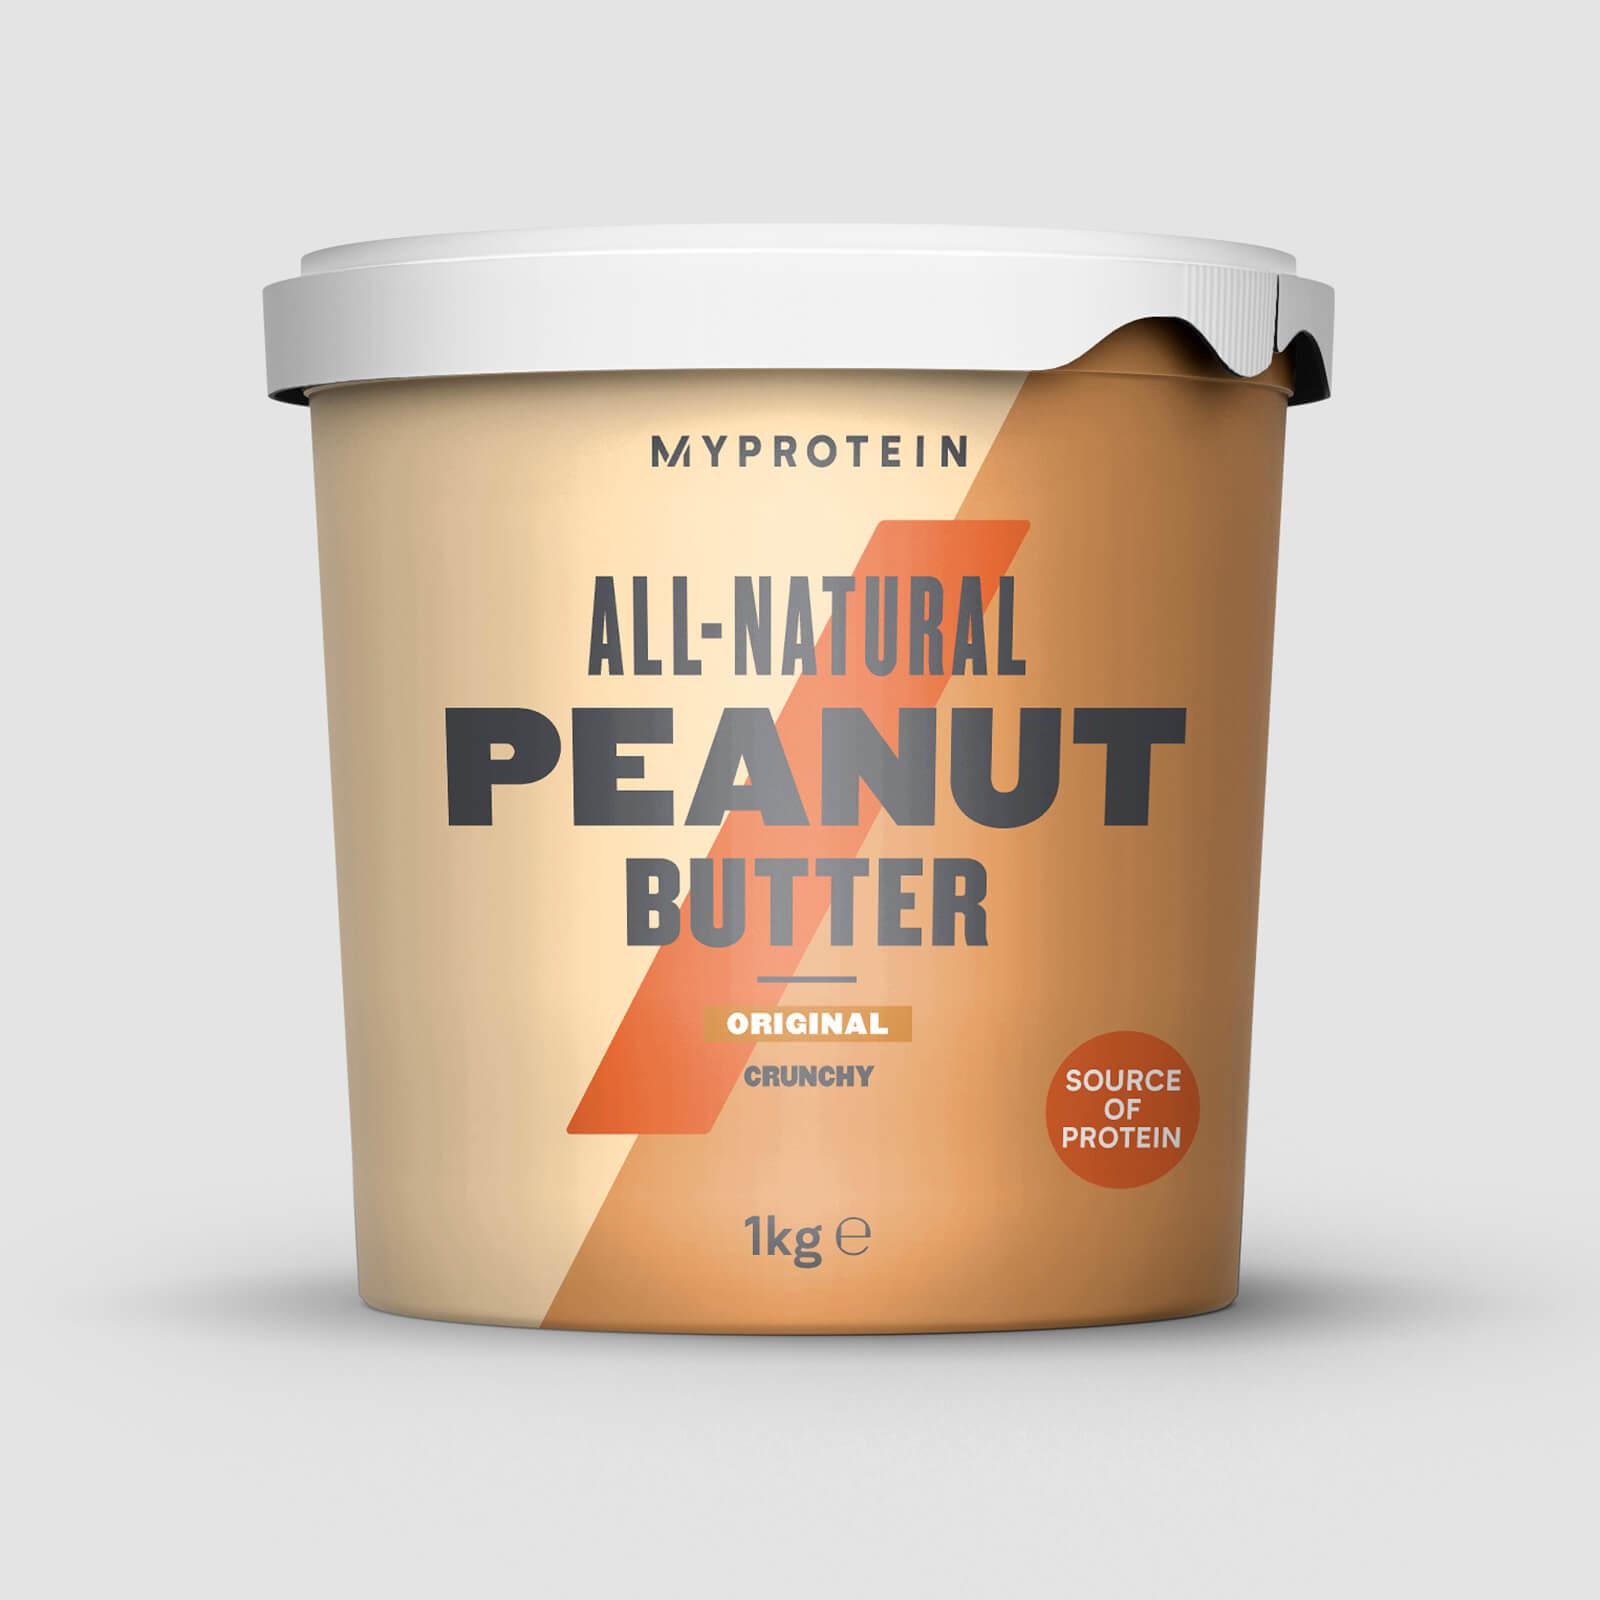 Myprotein Burro d'arachidi al naturale - 1kg - Originale (croccante)